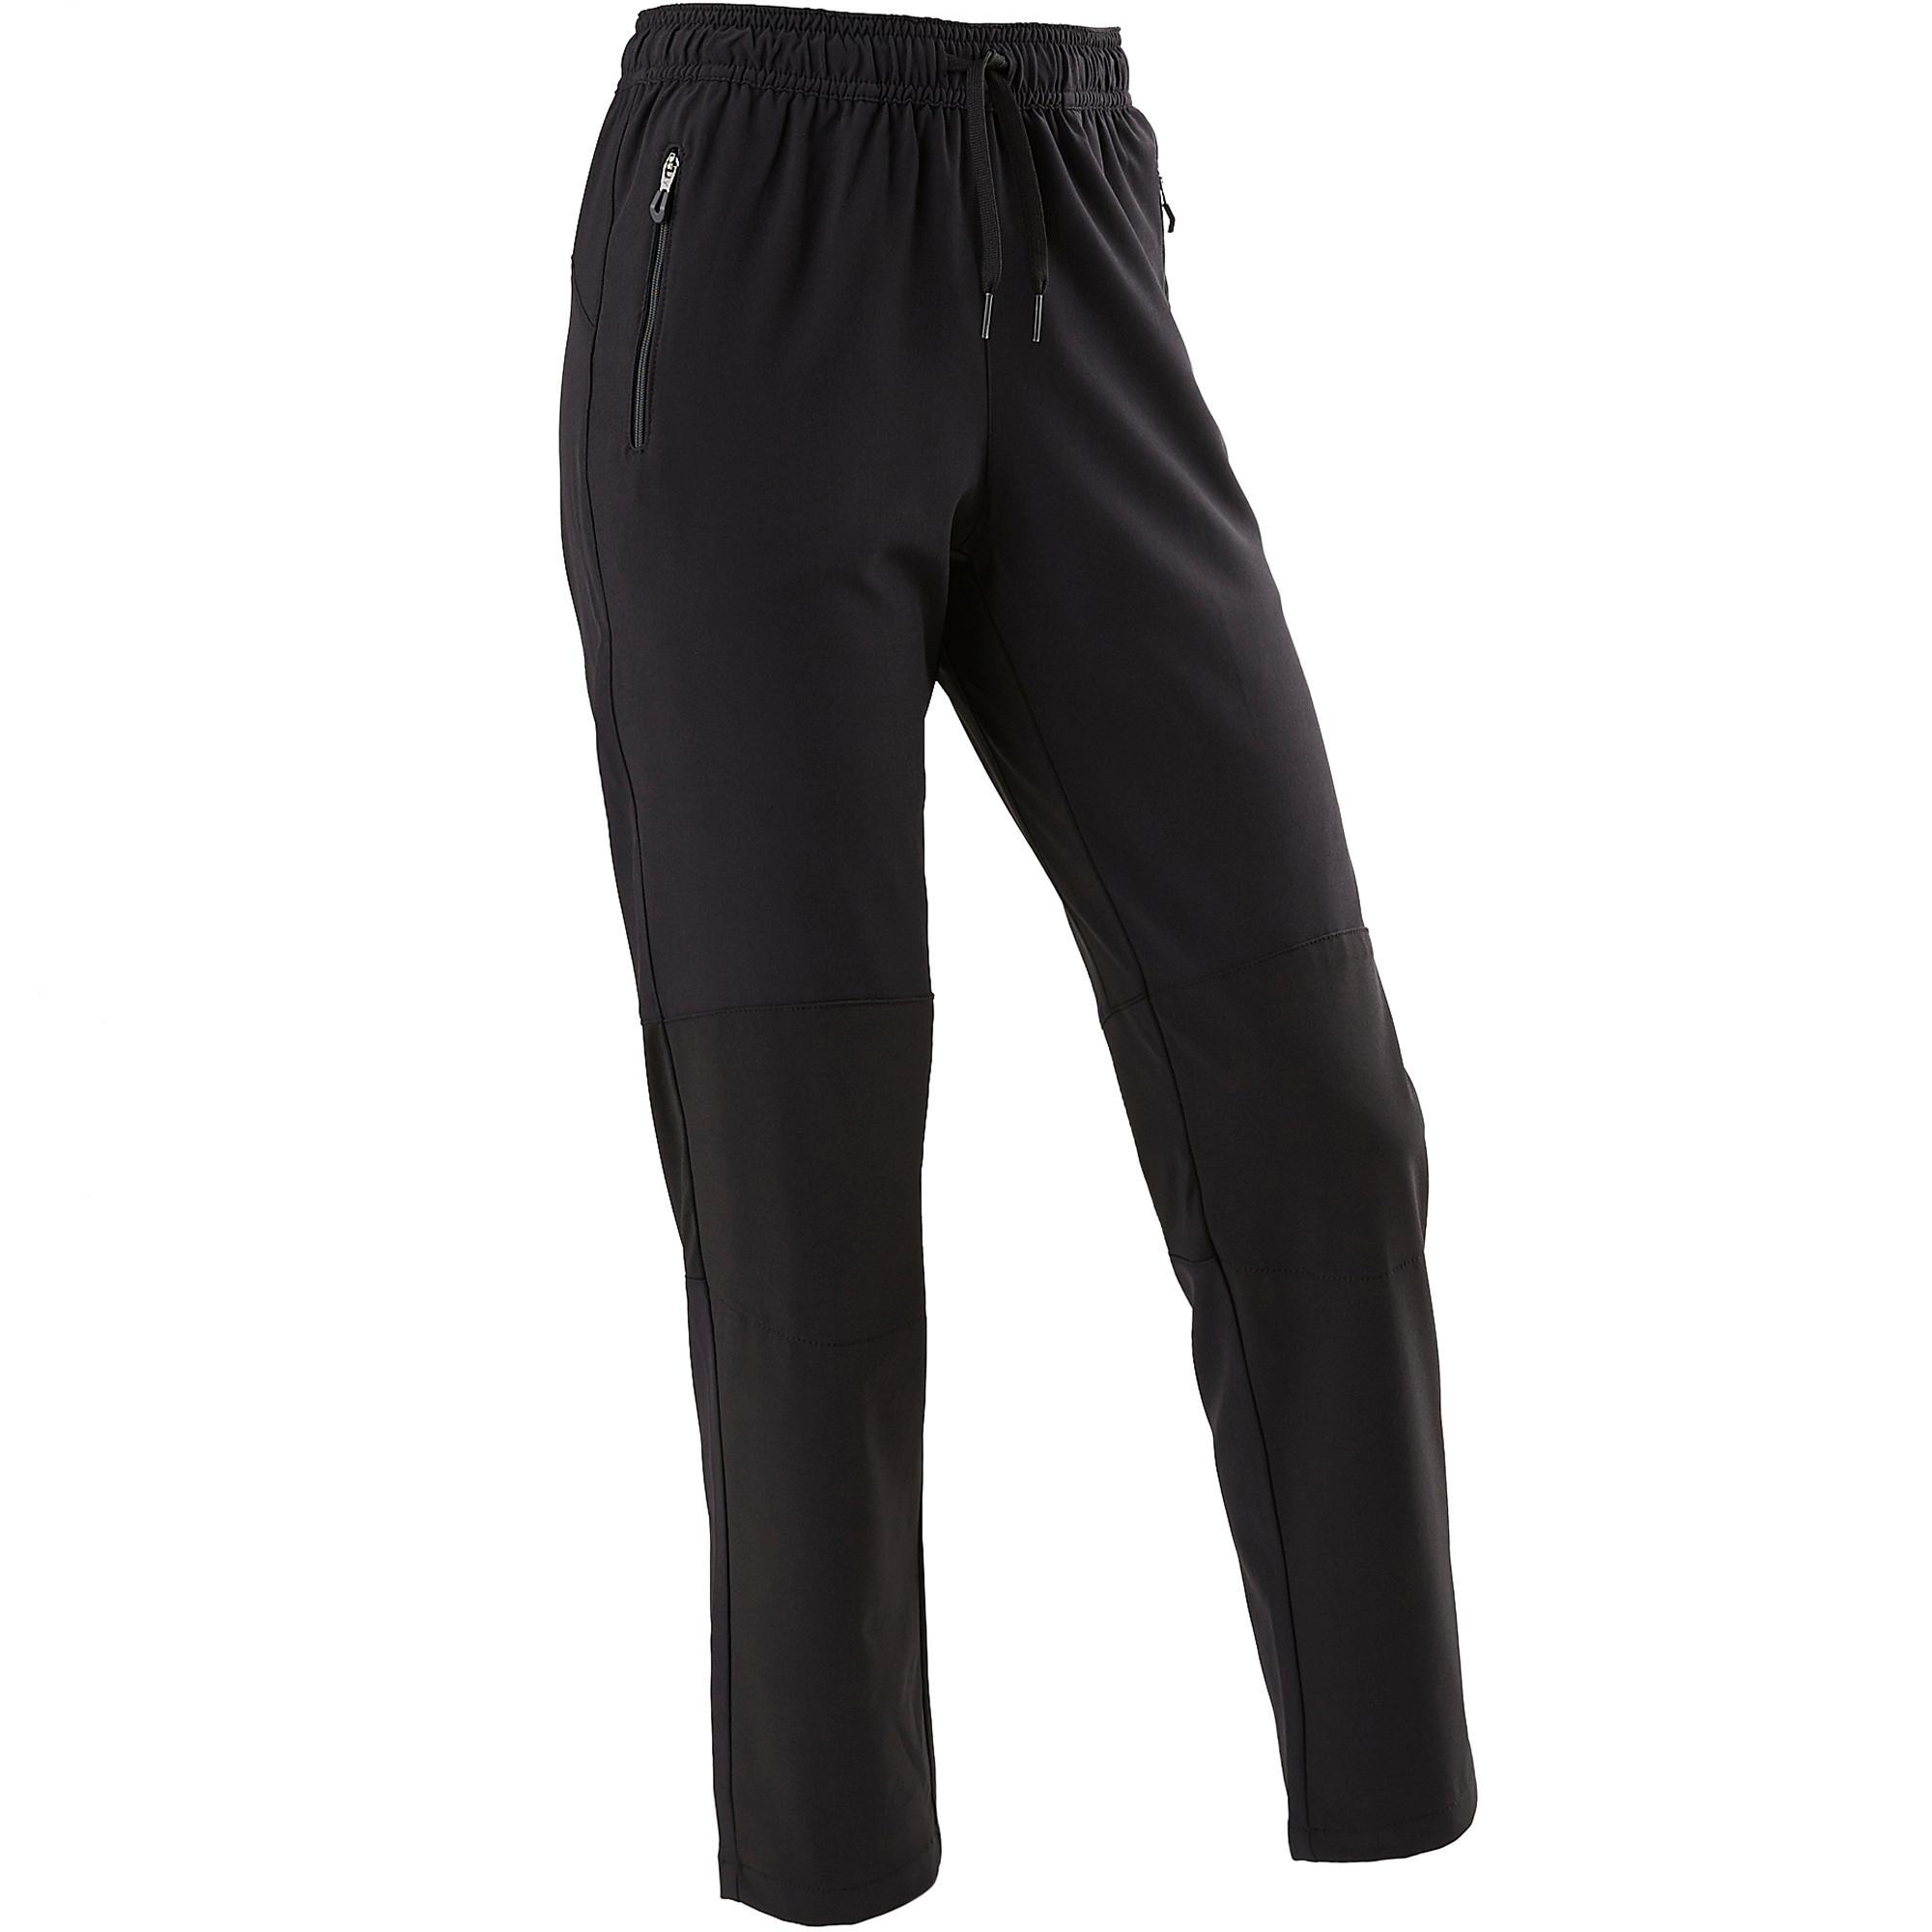 Domyos Pantalon large léger respirant, résistant W900 garçon GYM ENFANT noir - Domyos